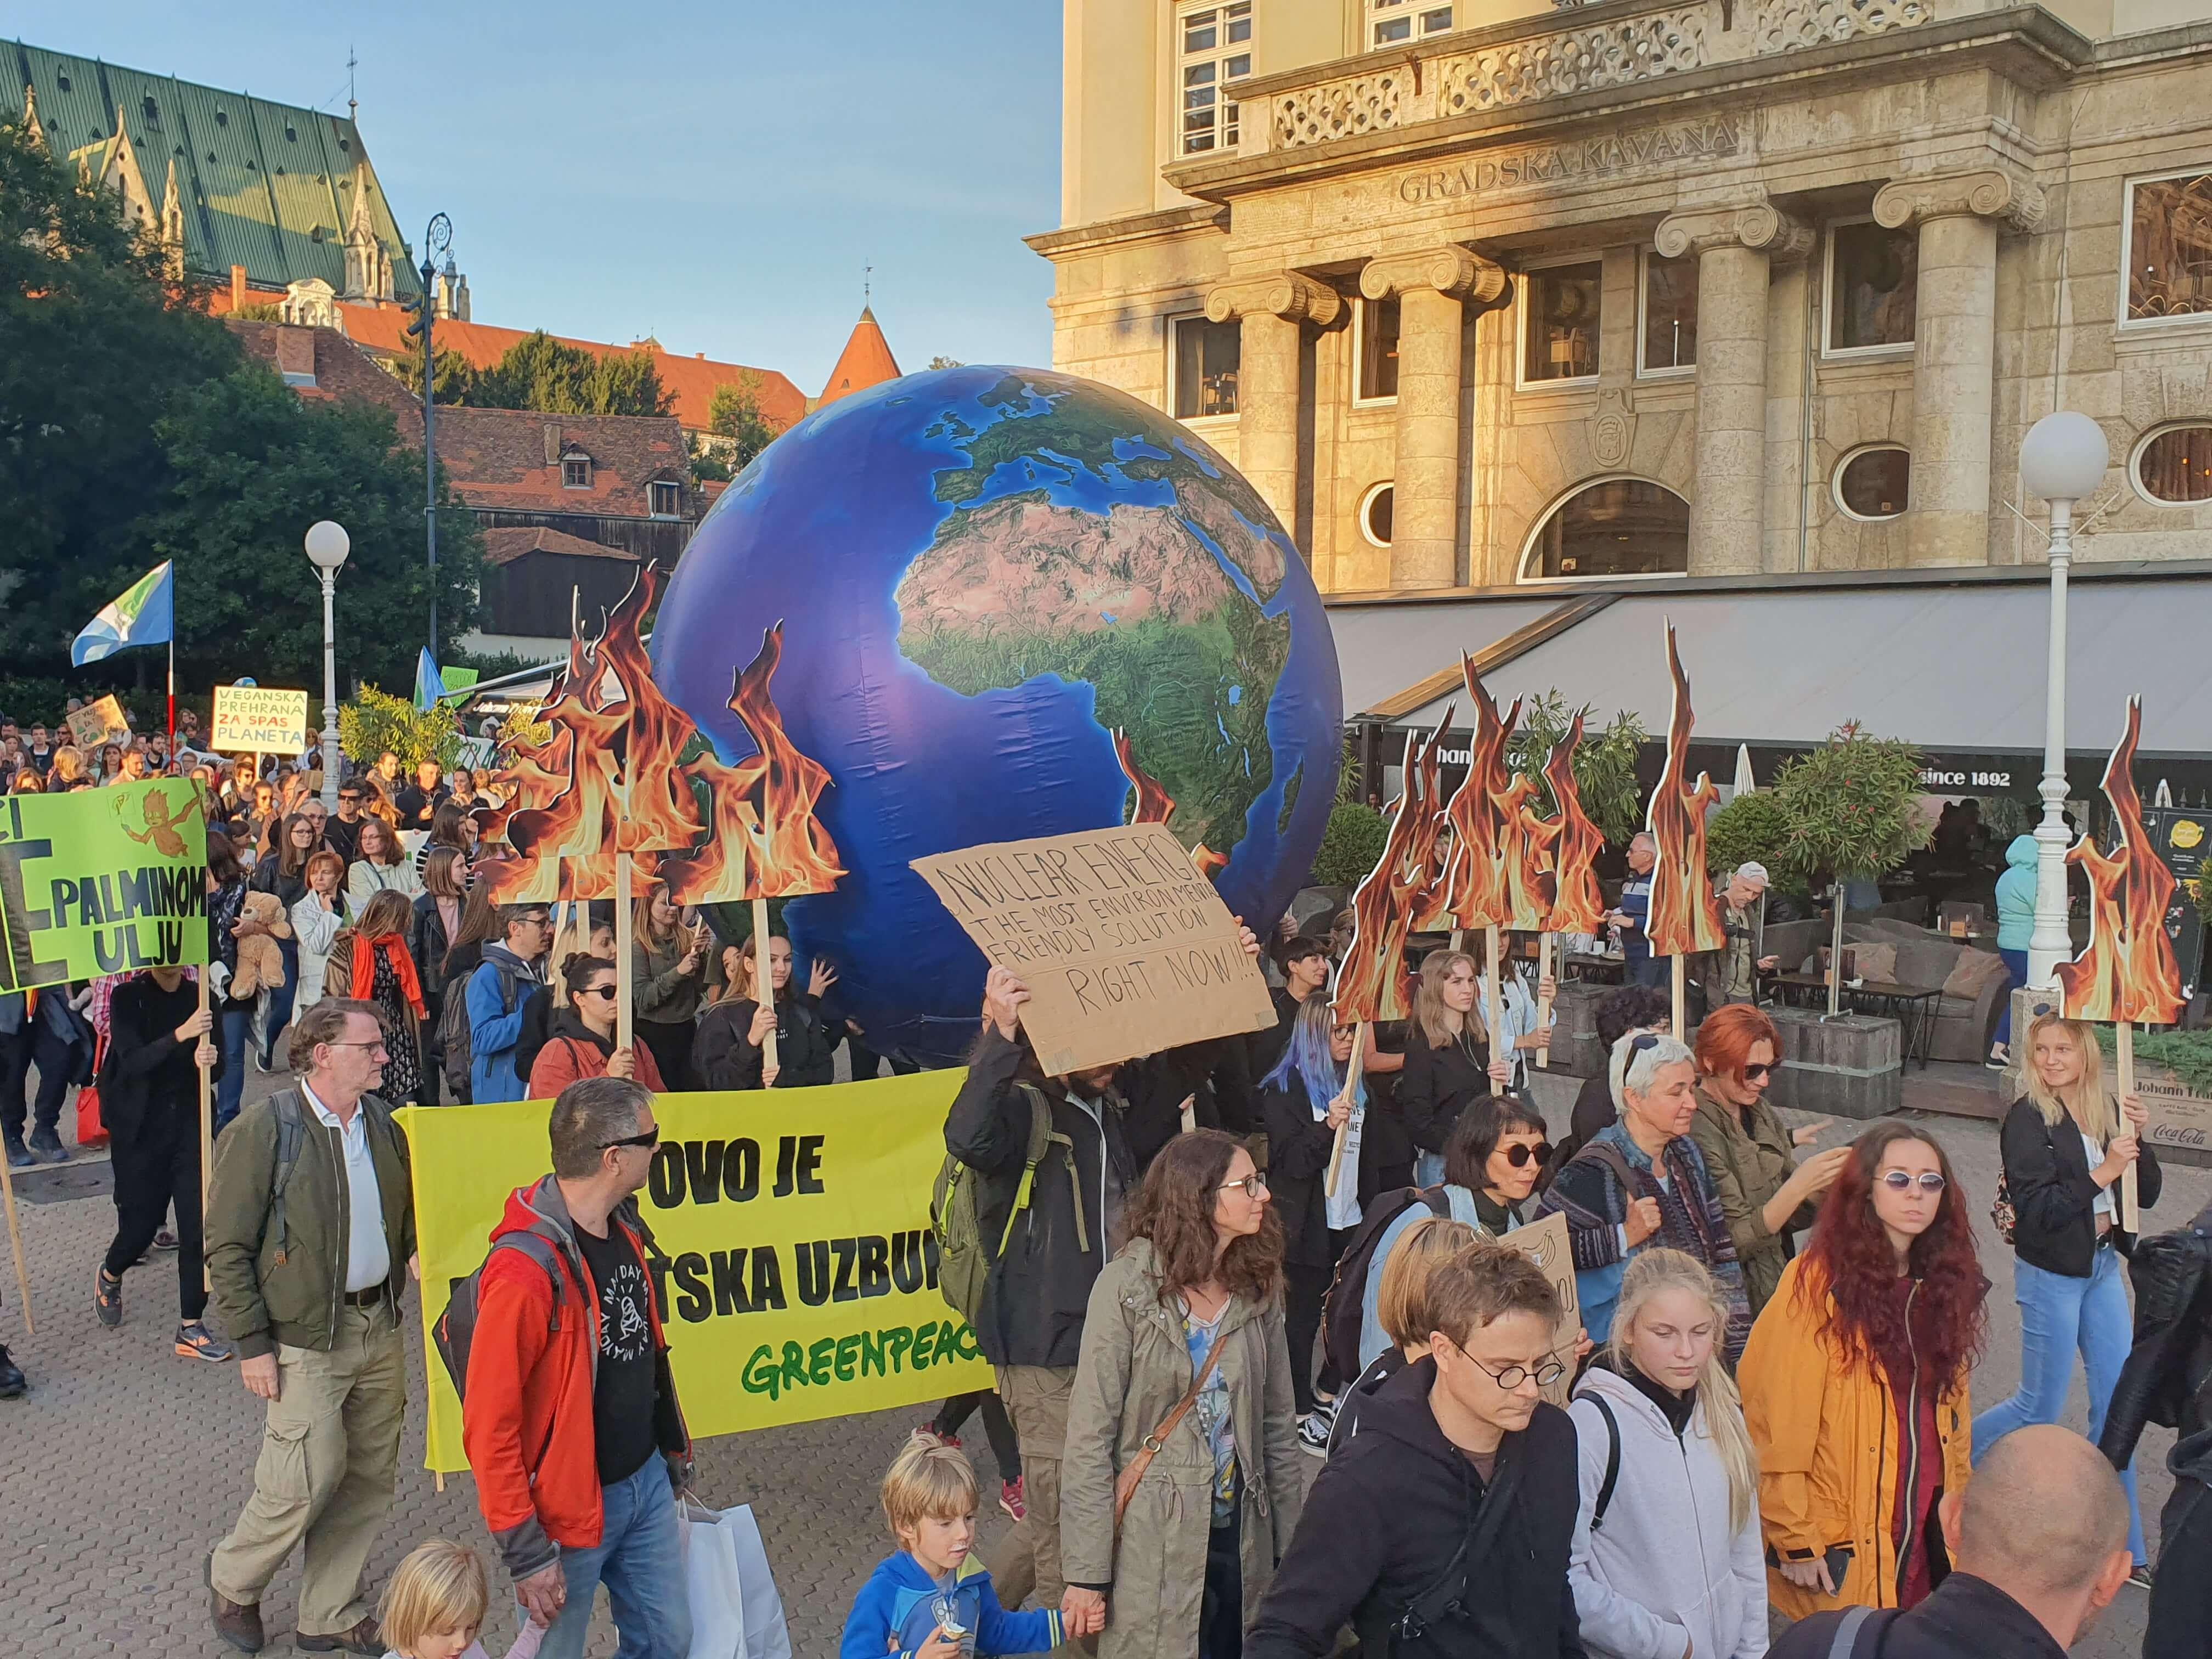 Svjetska banka traži mlade koji će joj pomoći u rješavanju gorućeg svjetskog problema